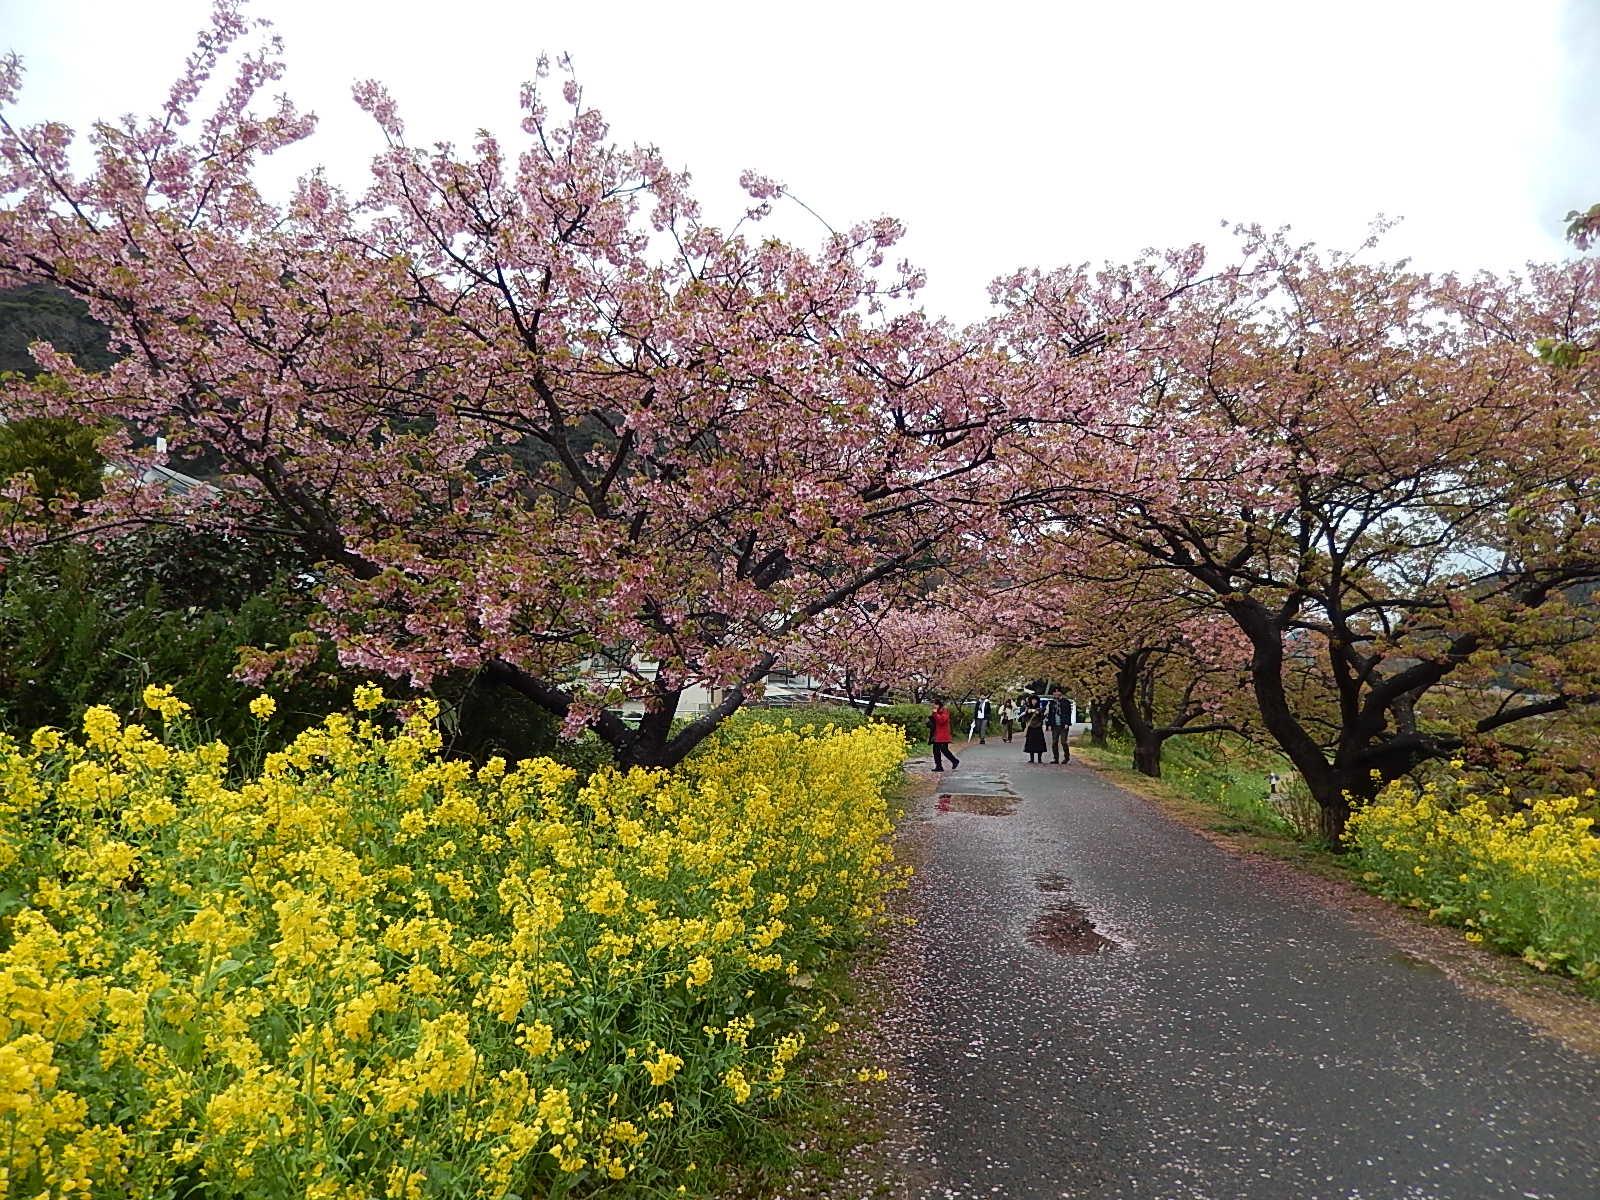 下賀茂温泉の河津桜_d0000324_12024724.jpg